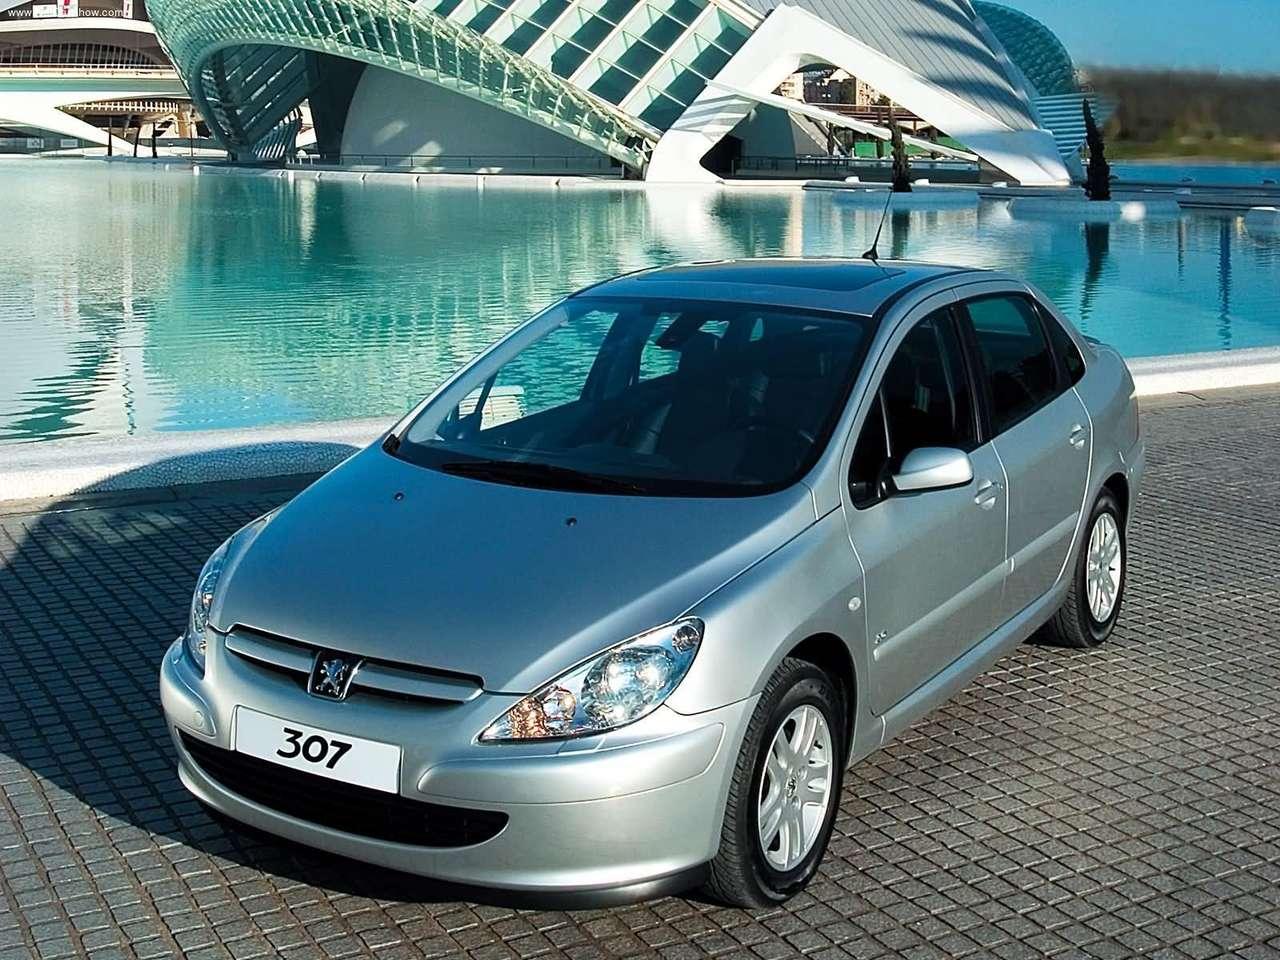 http://4.bp.blogspot.com/_xhqjRo6NERQ/S8MkglI4dkI/AAAAAAAAH-I/d5TTHM_dYeQ/s1600/Peugeot-307_Sedan_2.0_2004_1280x960_wallpaper_01.jpg